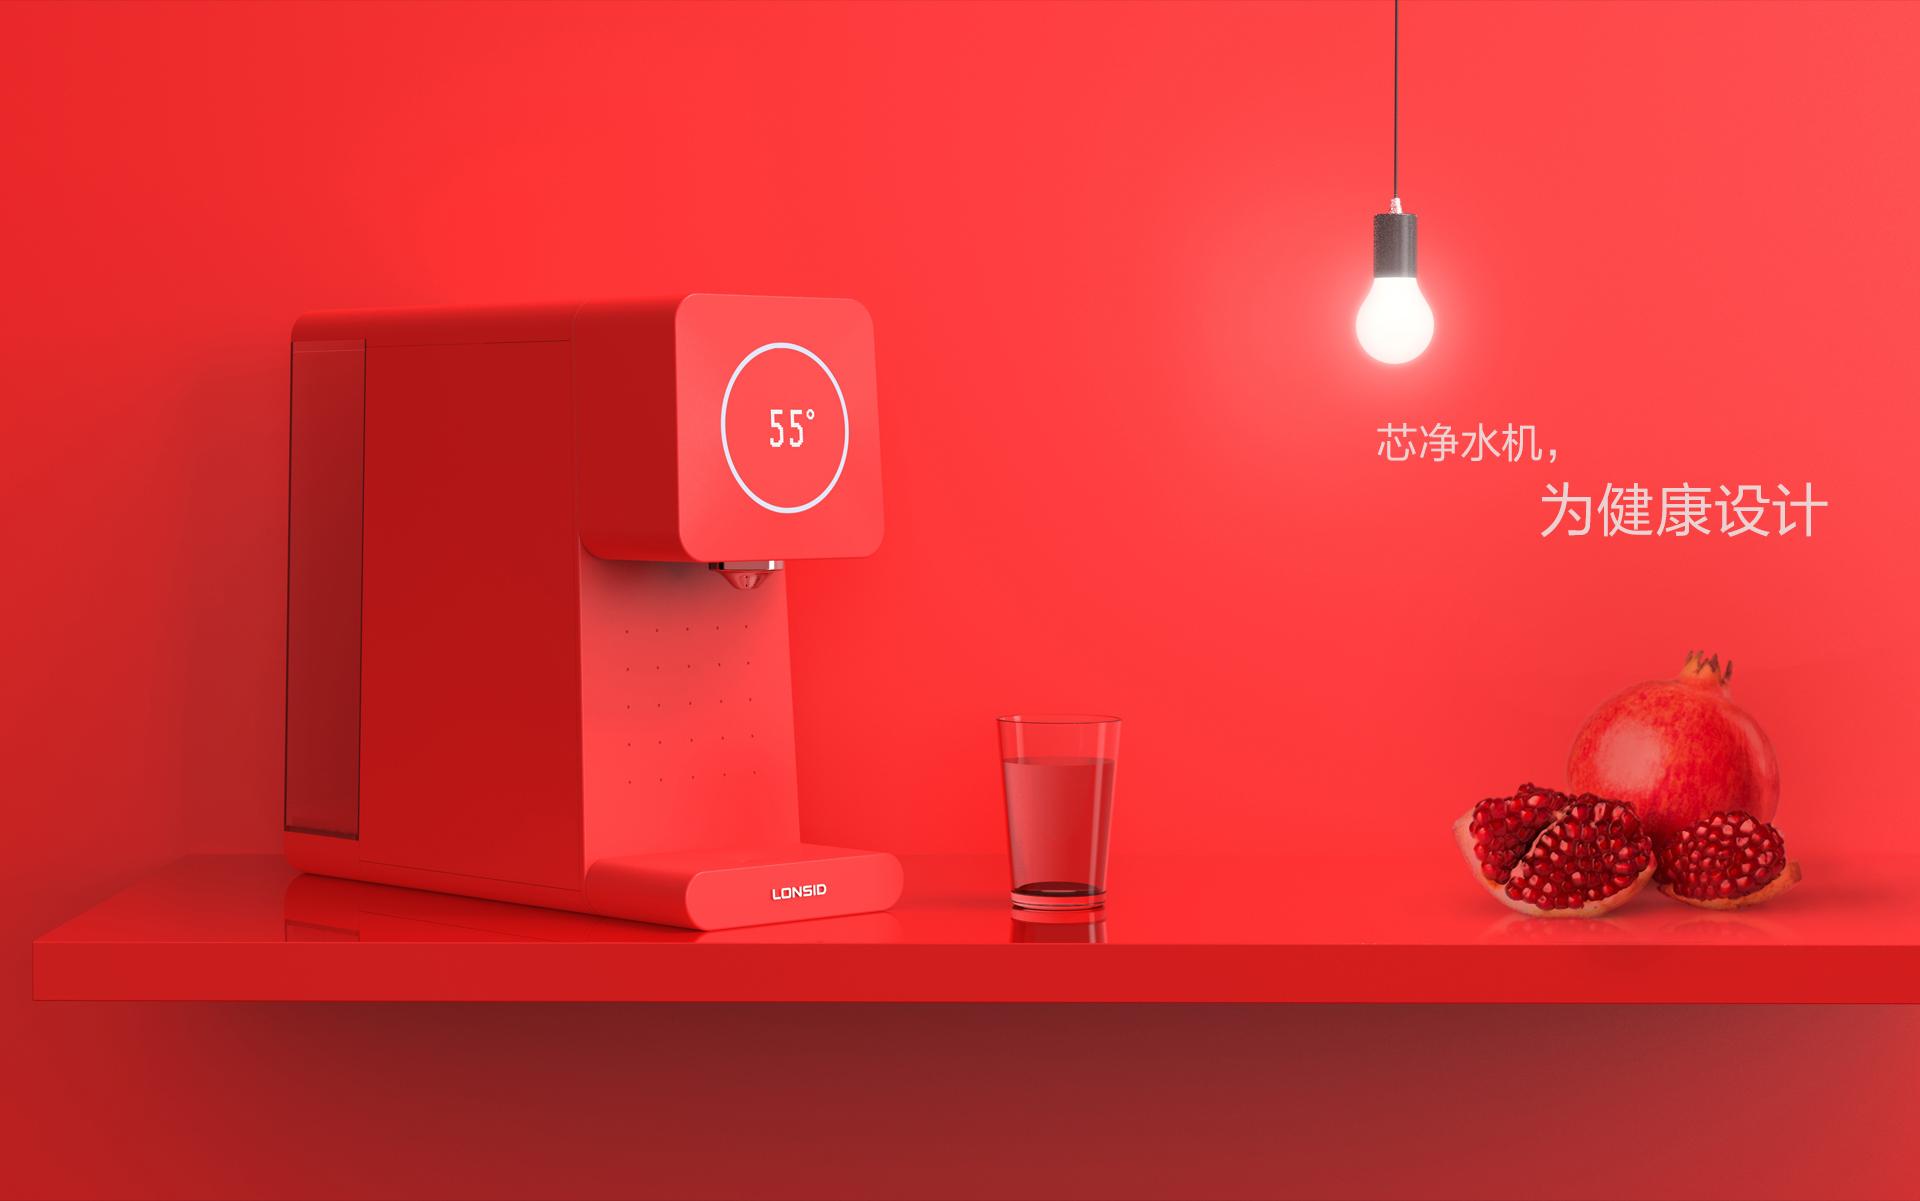 饮水机设计-上海工业设计公司-即禾设计